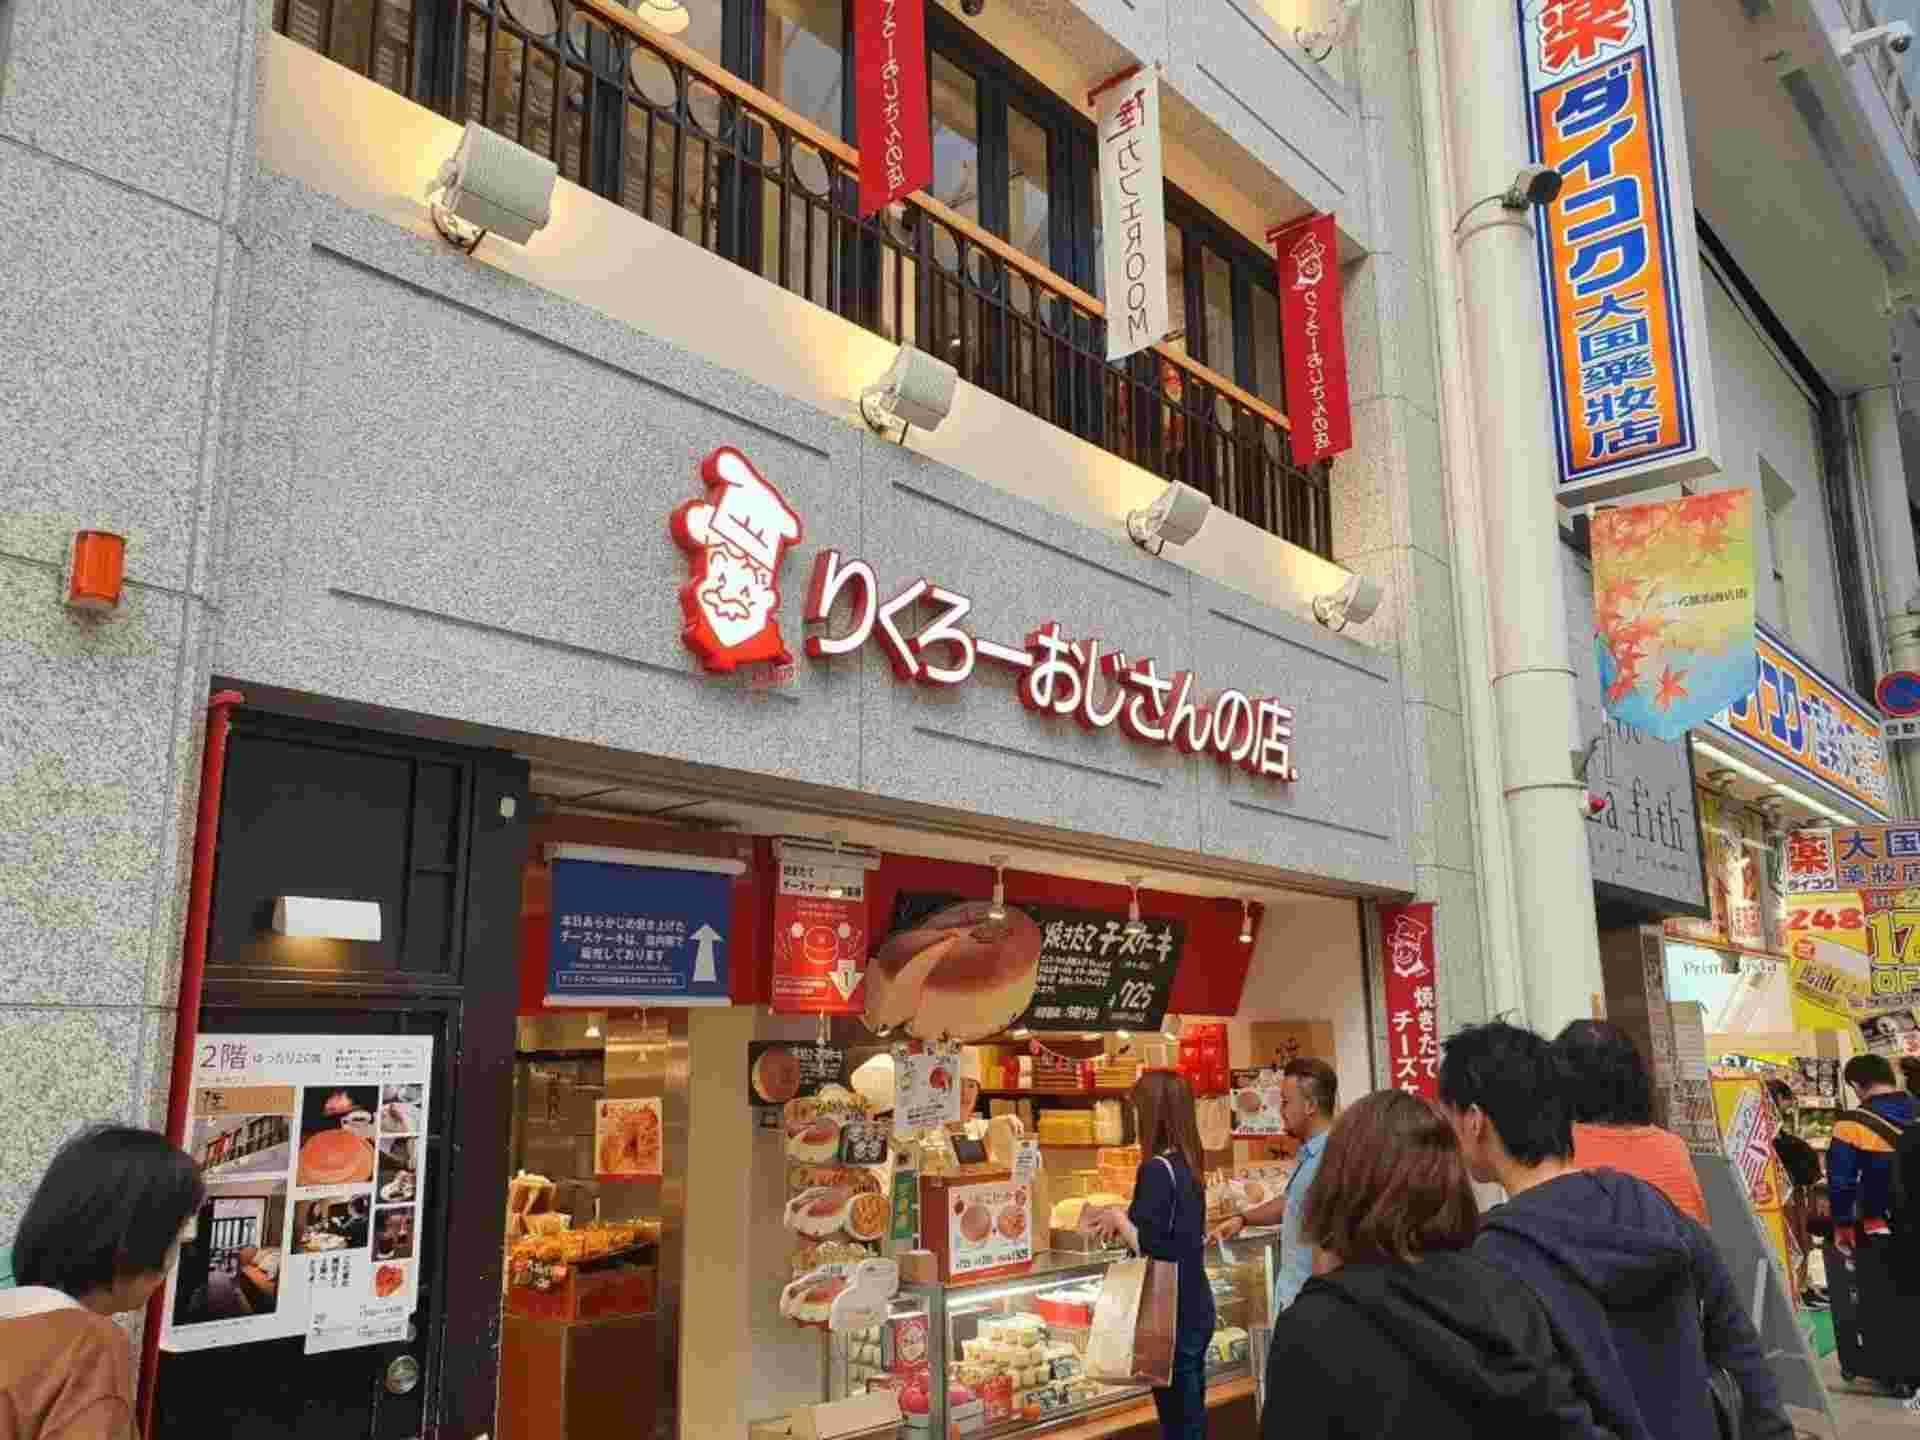 りくろーおじさんの店 大丸梅田店